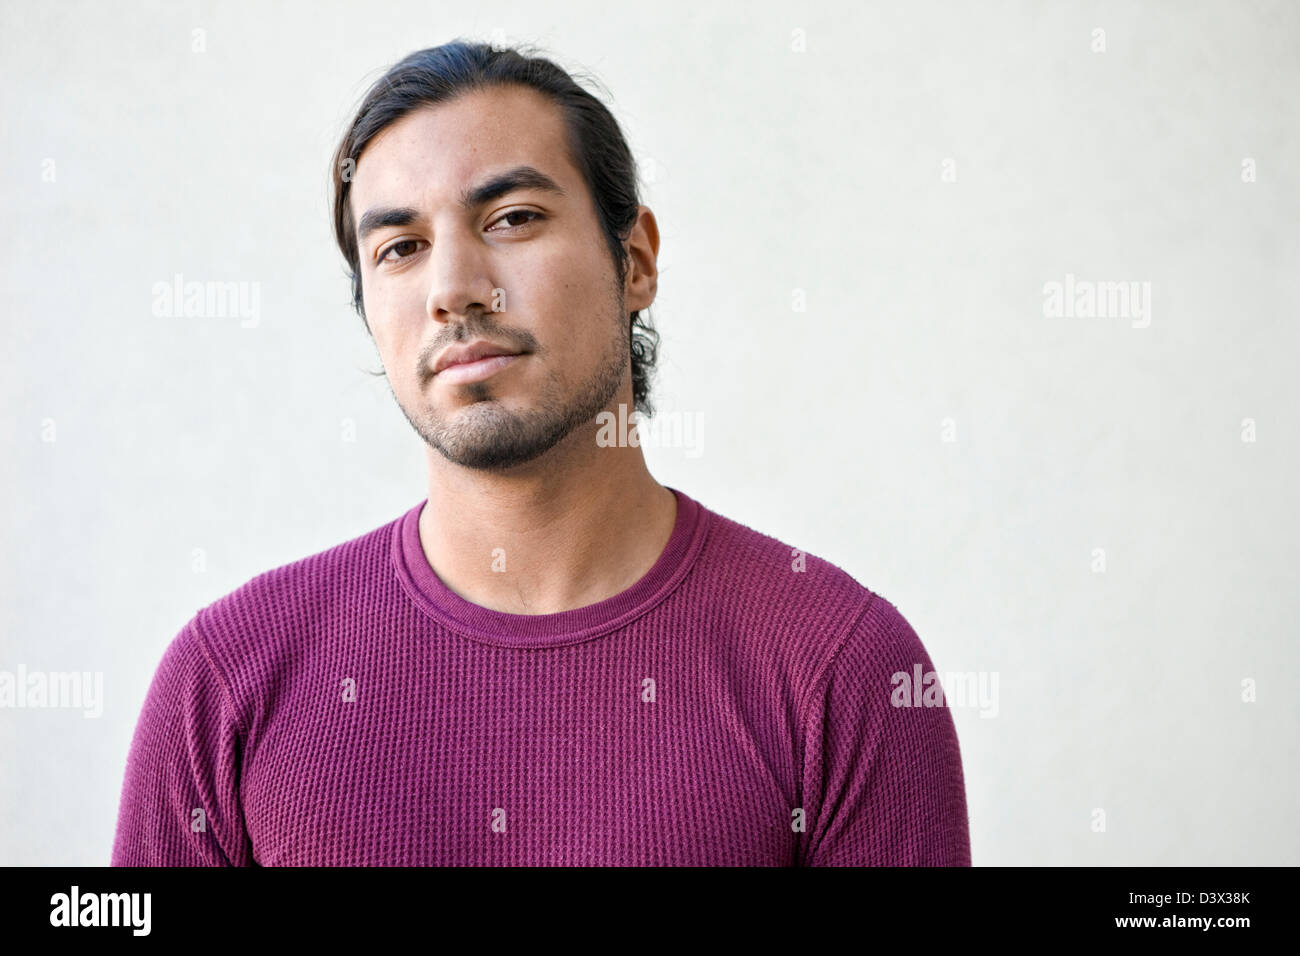 Ingenui e fiduciosi Ritratto di giovane dai lunghi capelli Mexican-American adulto maschio Foto Stock